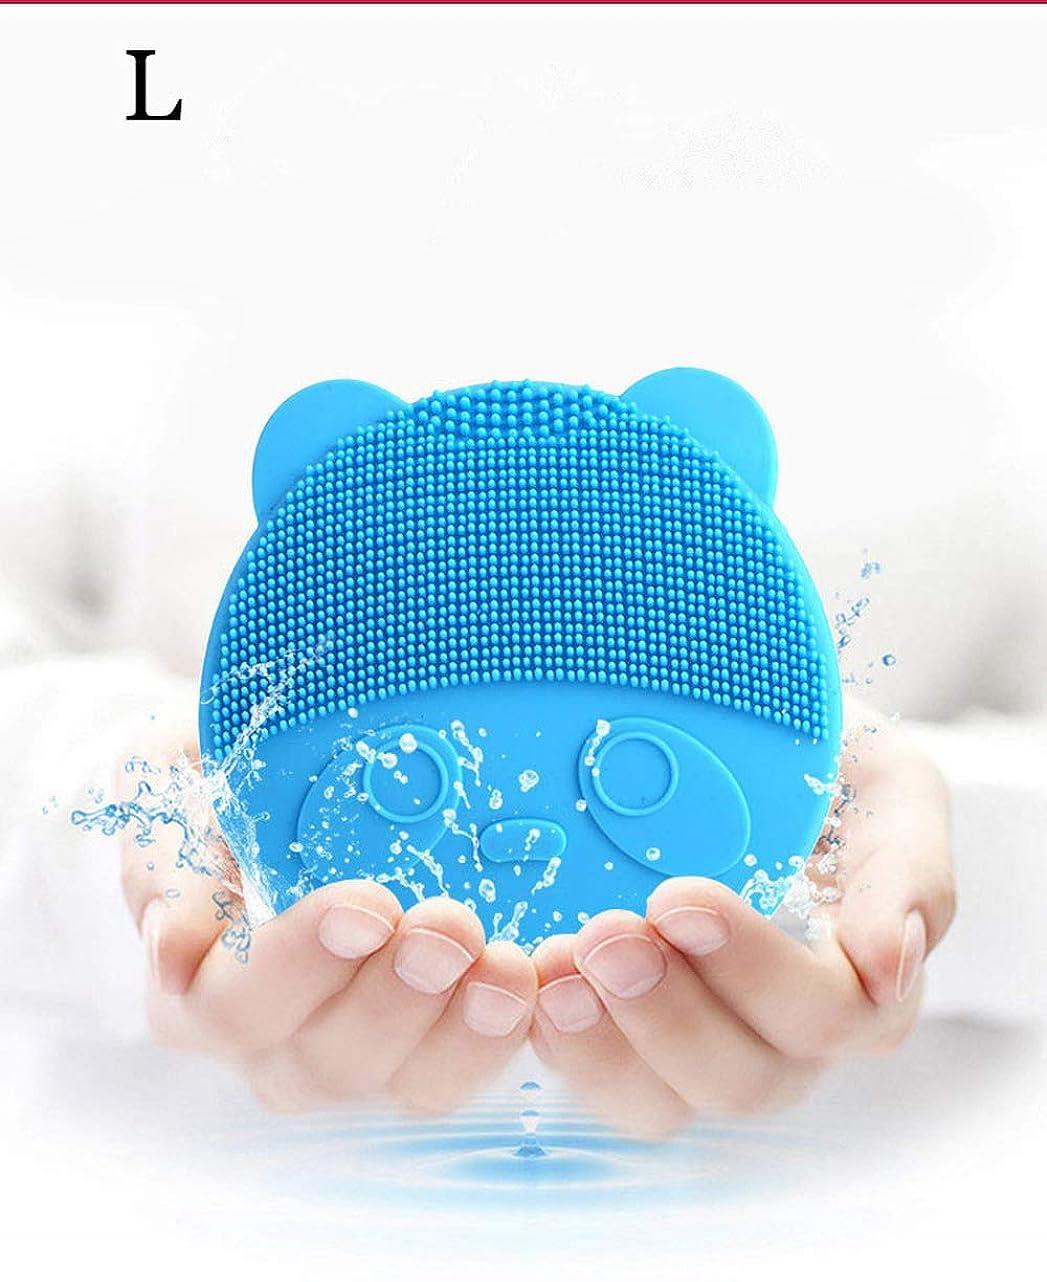 電動クレンジングブラシ、シリコンクレンジングブラシポータブル防水アンチエイジングスキンケアマッサージ電動ブラシは、古い角質を優しく除去して肌??をリフレッシュします(青)